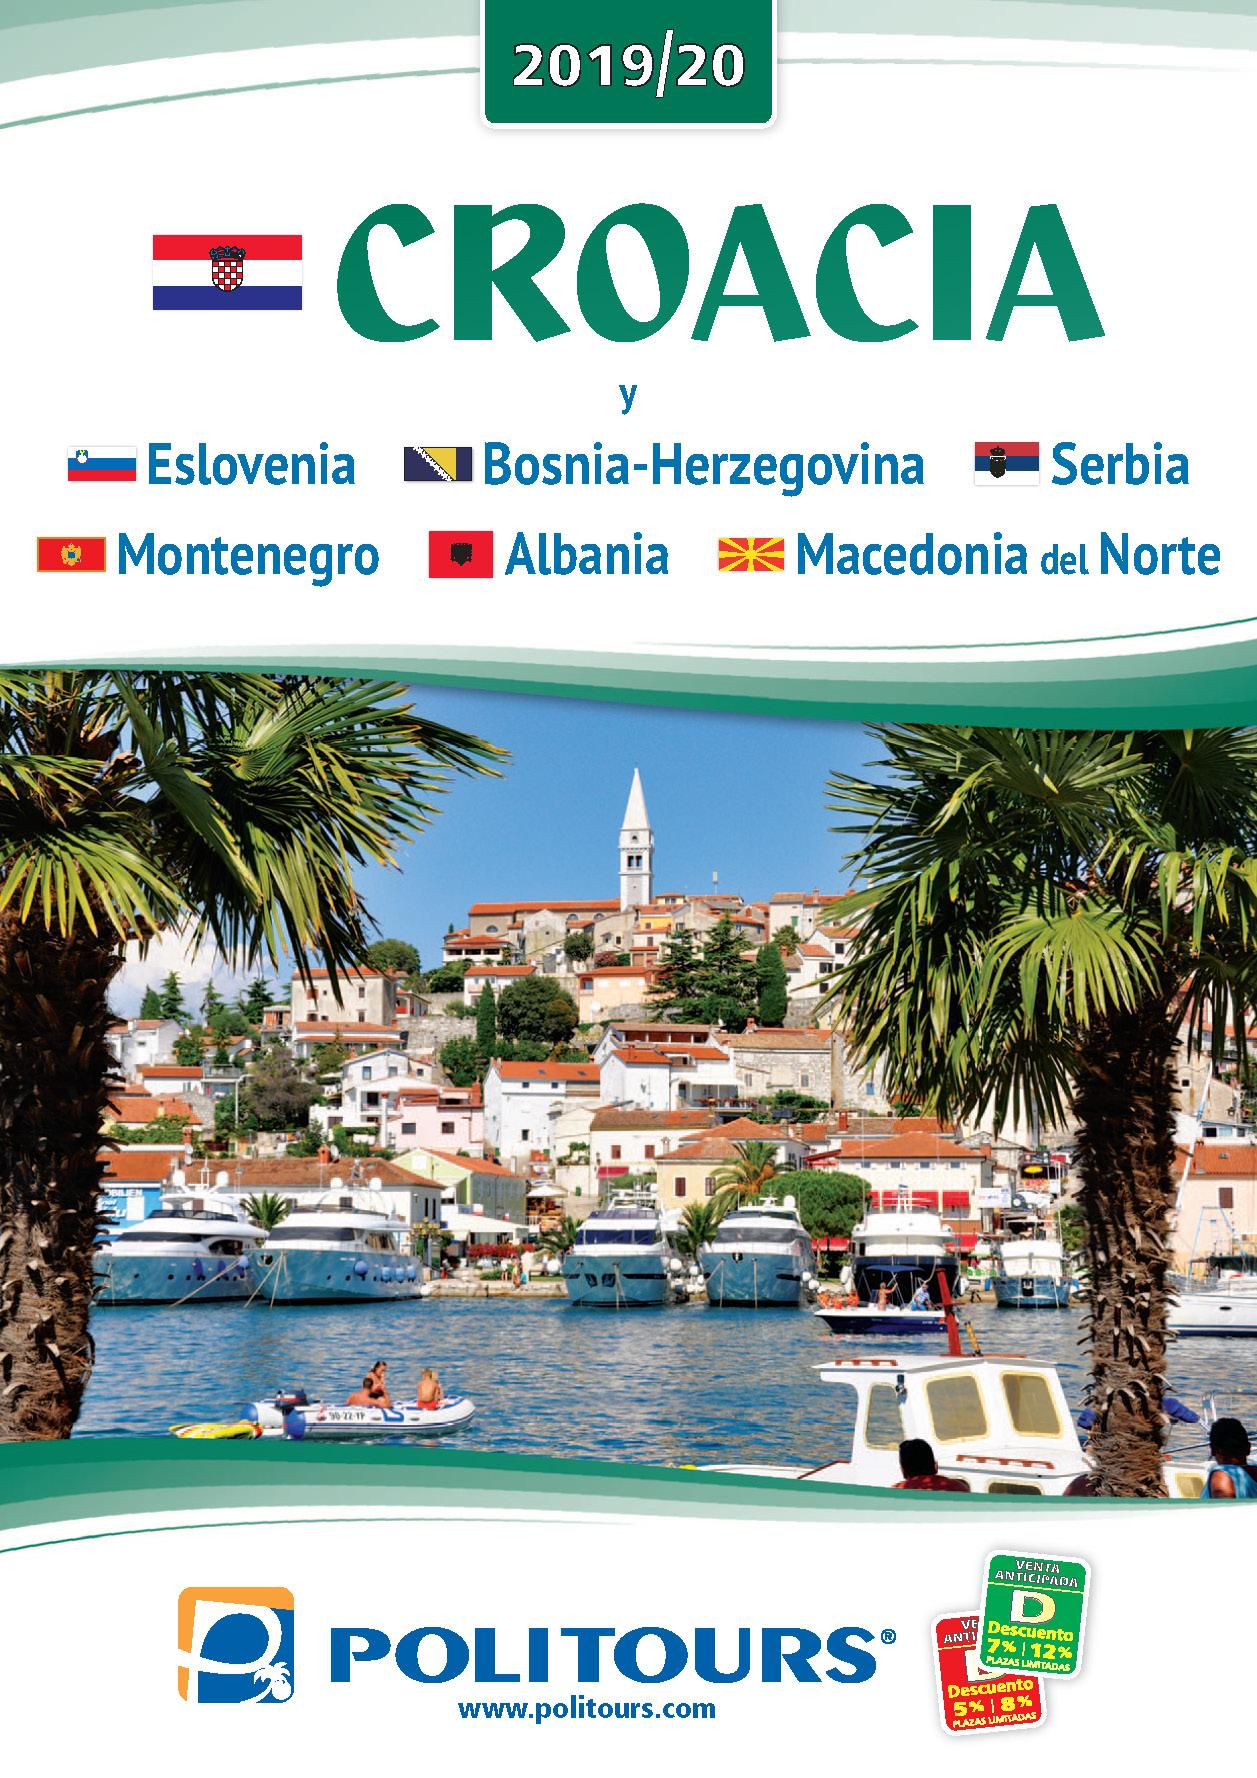 Catalogo Politours Croacia 2019-2020